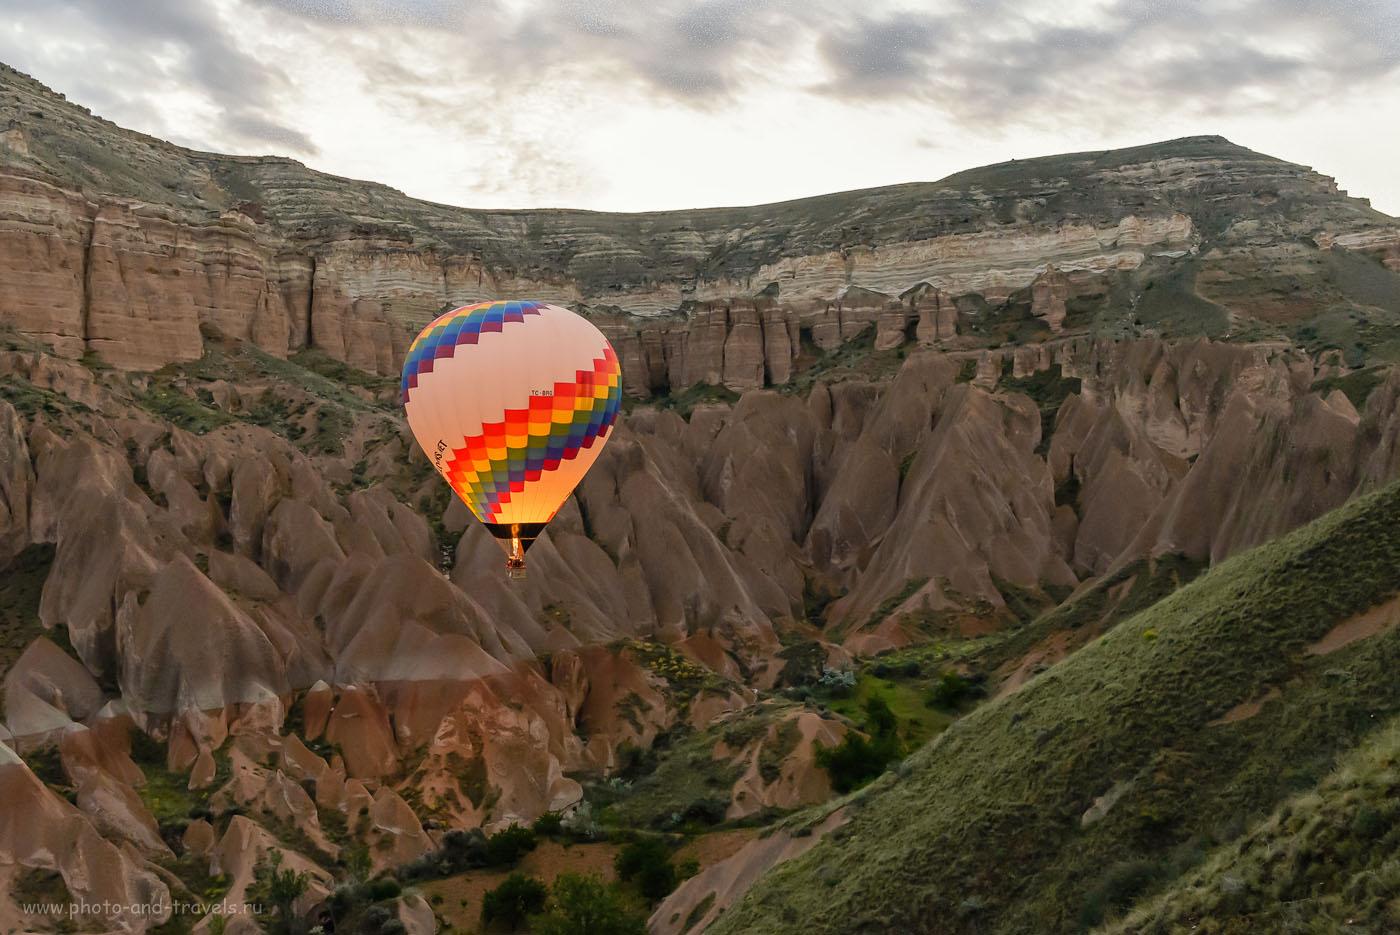 Фотография 2. Особенно интересными получаются снимки полета на воздушном шаре, если запечатлеть момент, когда пламя вырывается из горелки и подсвечивает балон изнутри. Отзывы туристов об отдыхе в Турции самостоятельно. Экскурсии в Каппадокии. 1/400, -1.67, 8.0, 5000, 31.